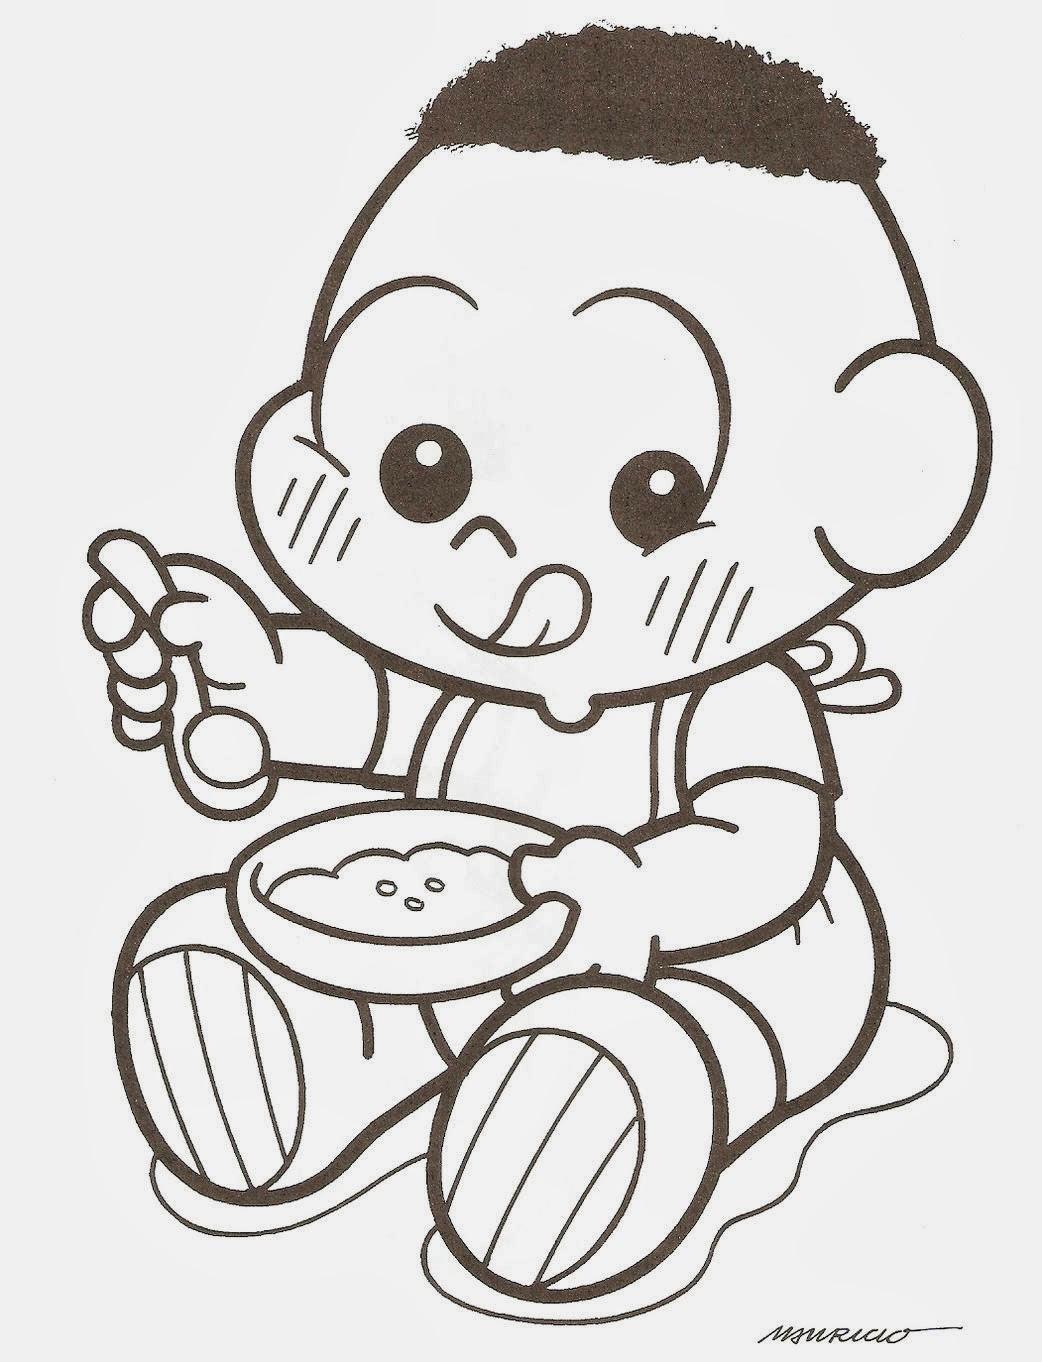 http://bebeaconchego.blogspot.com.br/